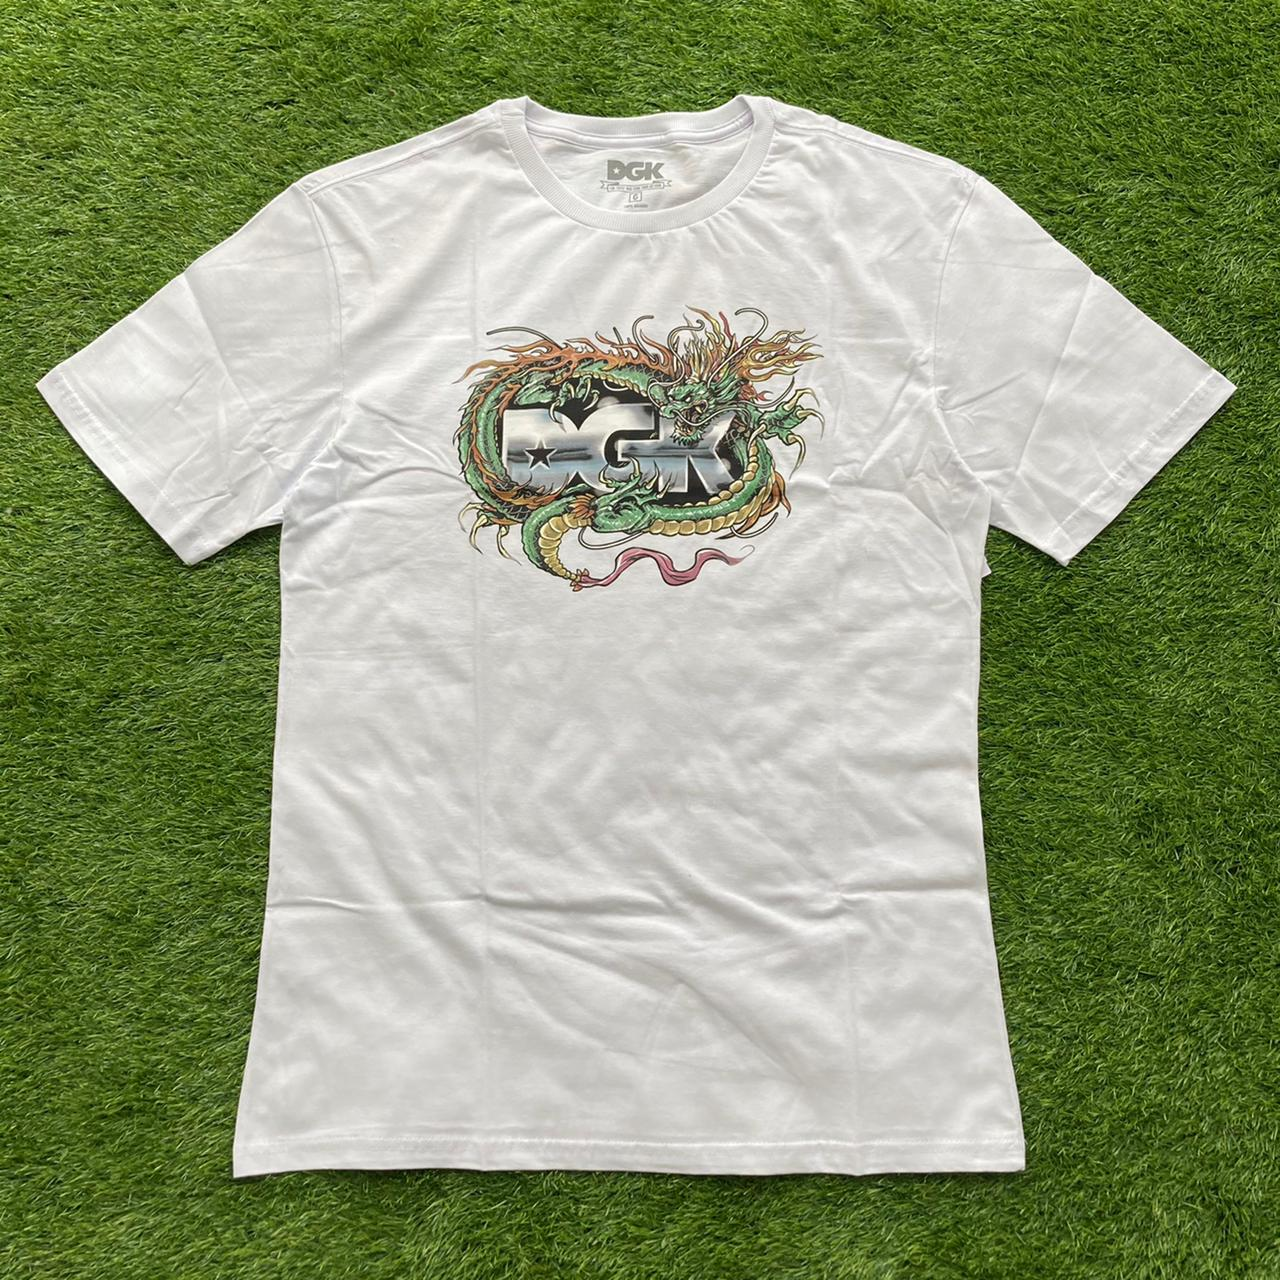 Camiseta dgk black metak white